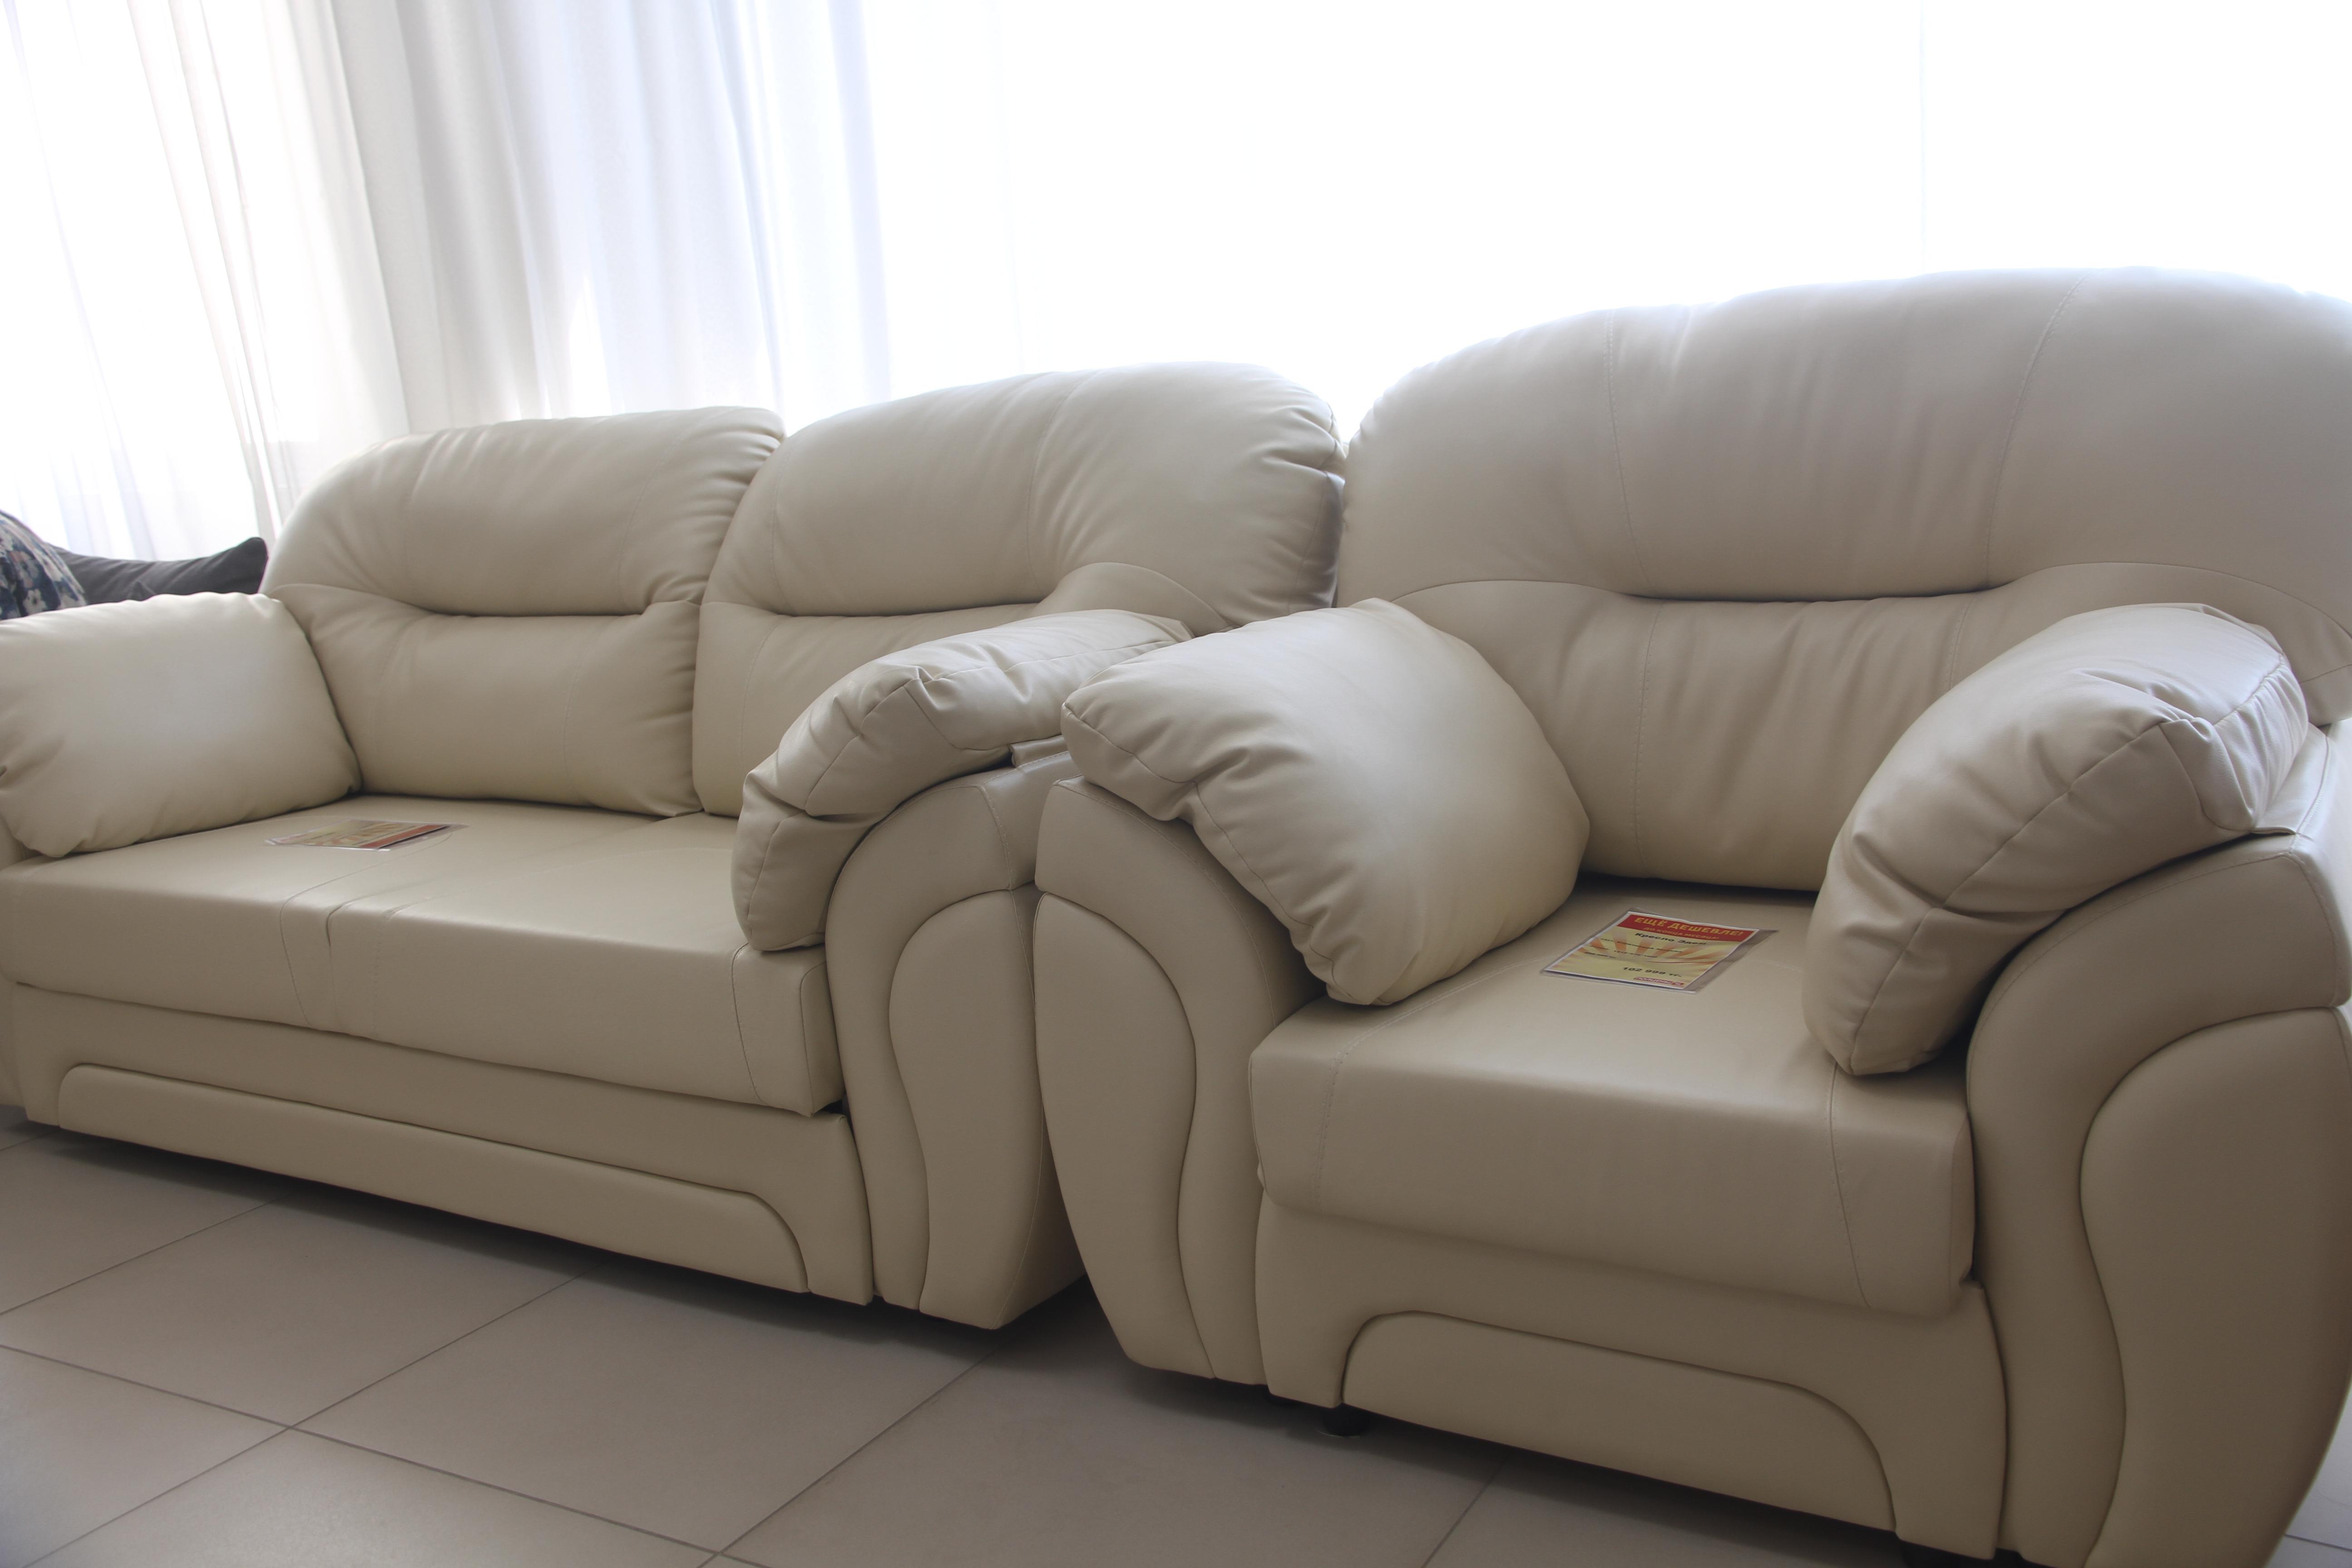 c86d41f0 В мебельном дисконт-центре «Полцены» можно приобрести мягкую мебель –  диваны и кресла, пуфики и топчаны, здесь есть также мебель для гостиных,  спальни, ...